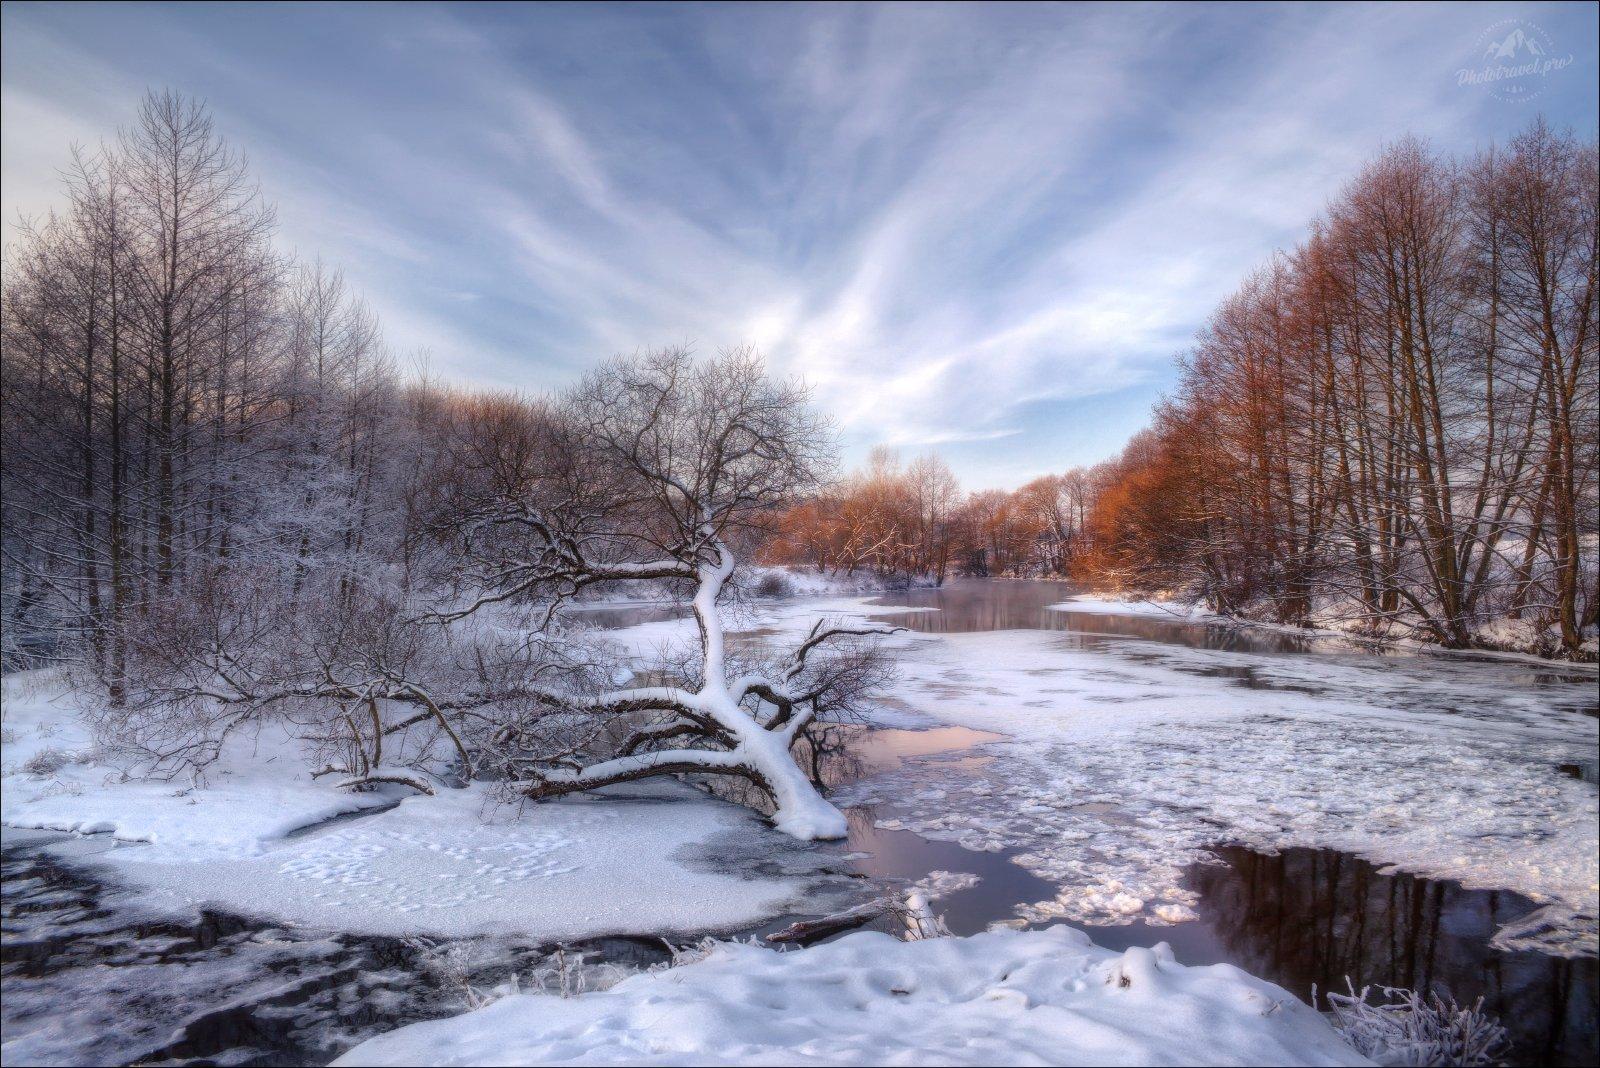 беларусь, минск, зима, лед, свислочь, ледостав, шуга, Влад Соколовский